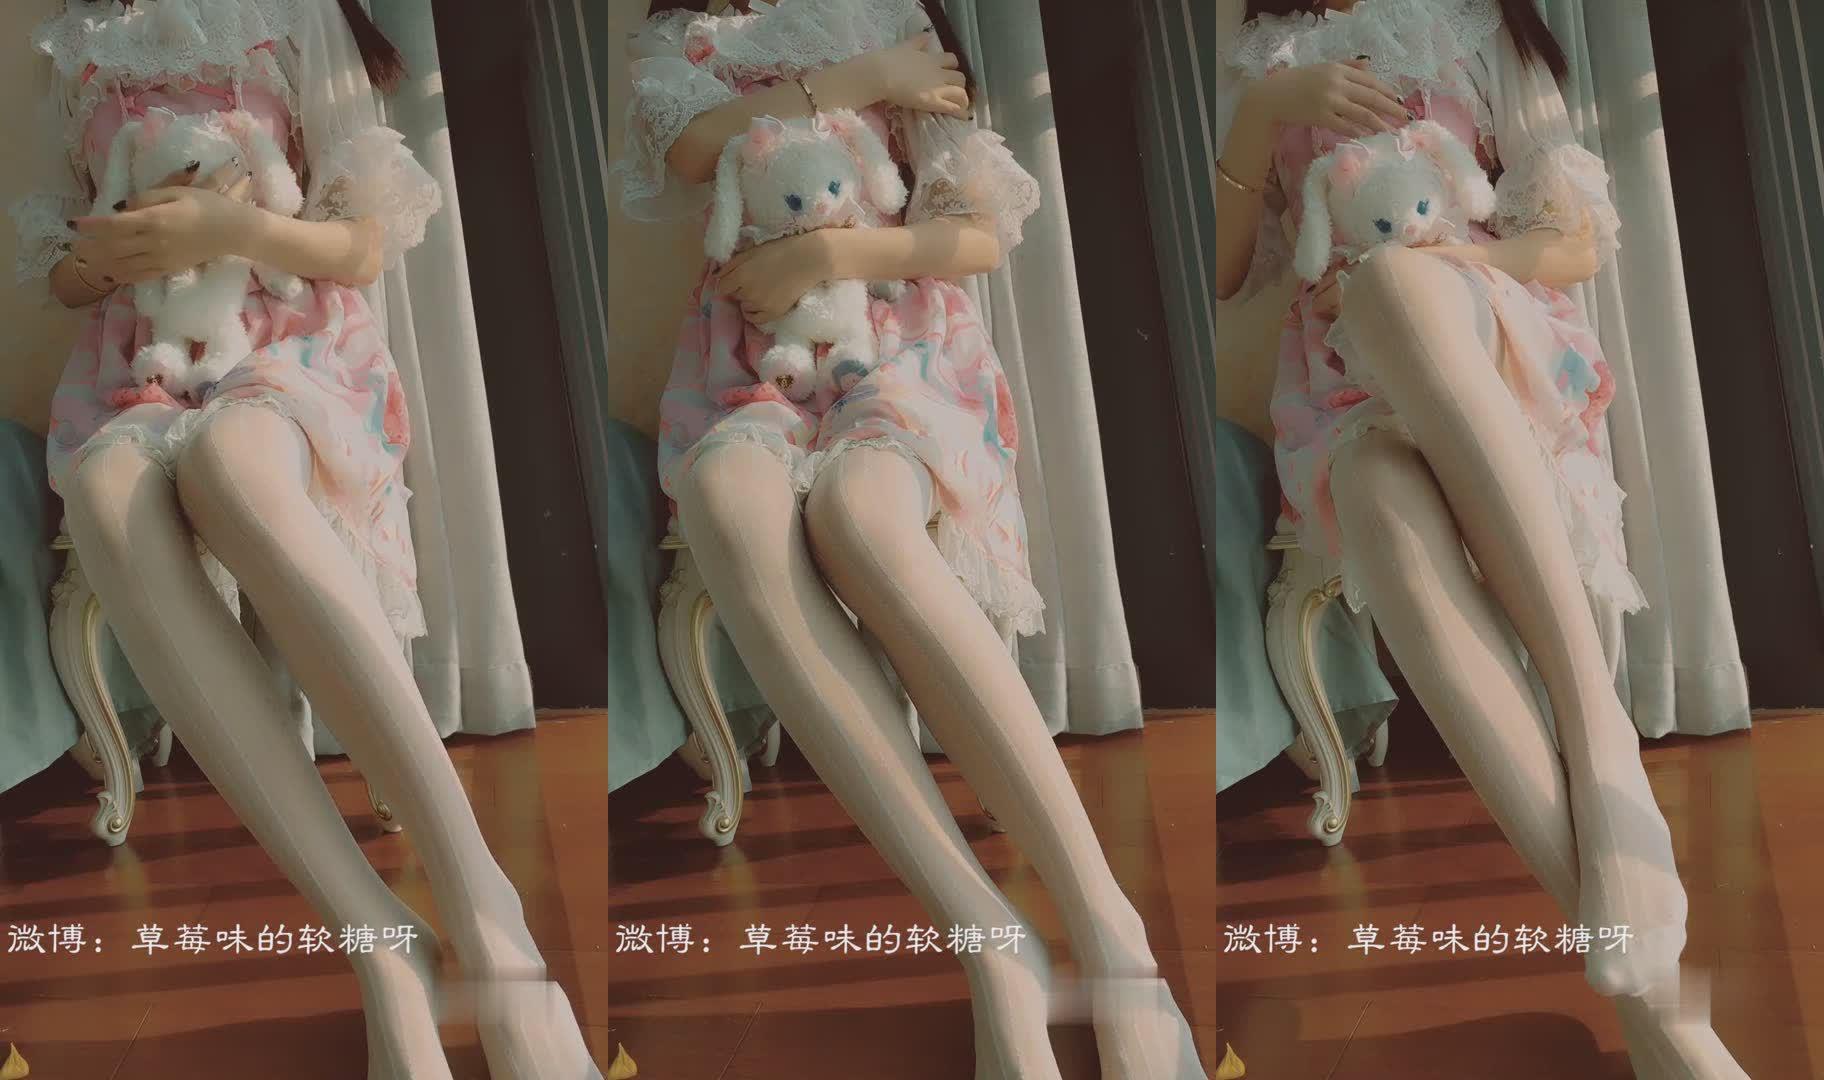 最新网红美少女『草莓味软糖』VIP定制 萝莉少女与向日葵 无毛嫩穴 骚话诱惑